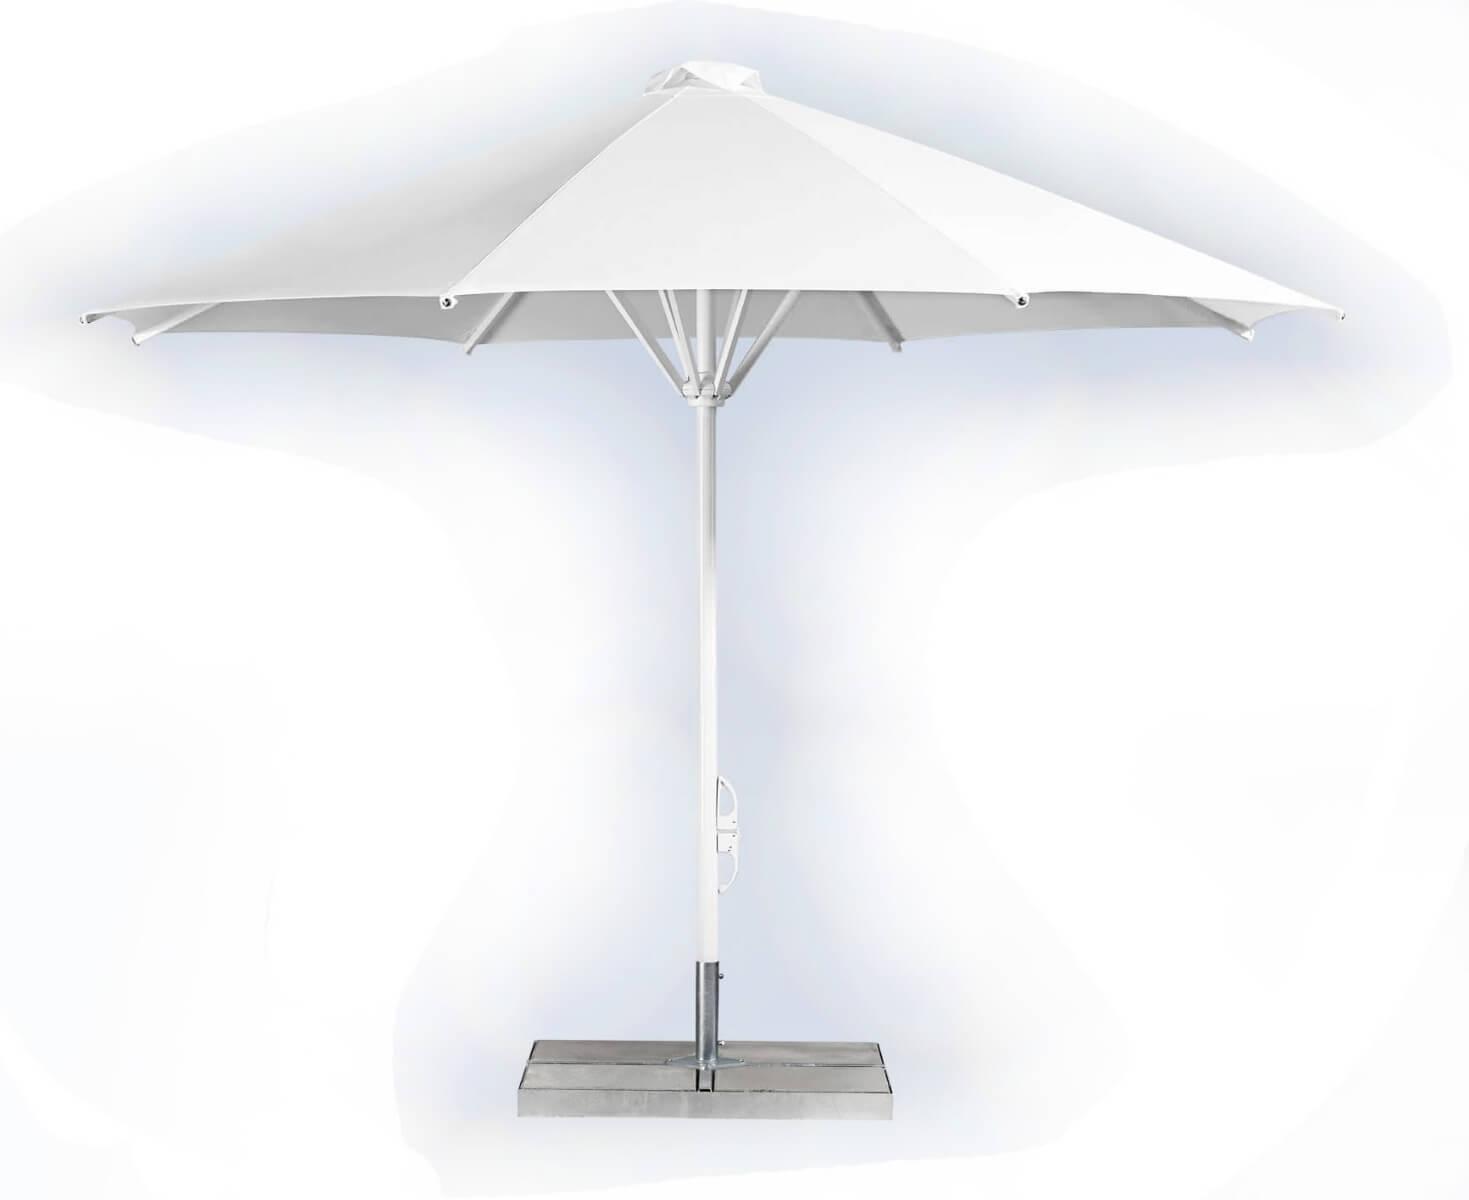 Large shade umbrella with base -0